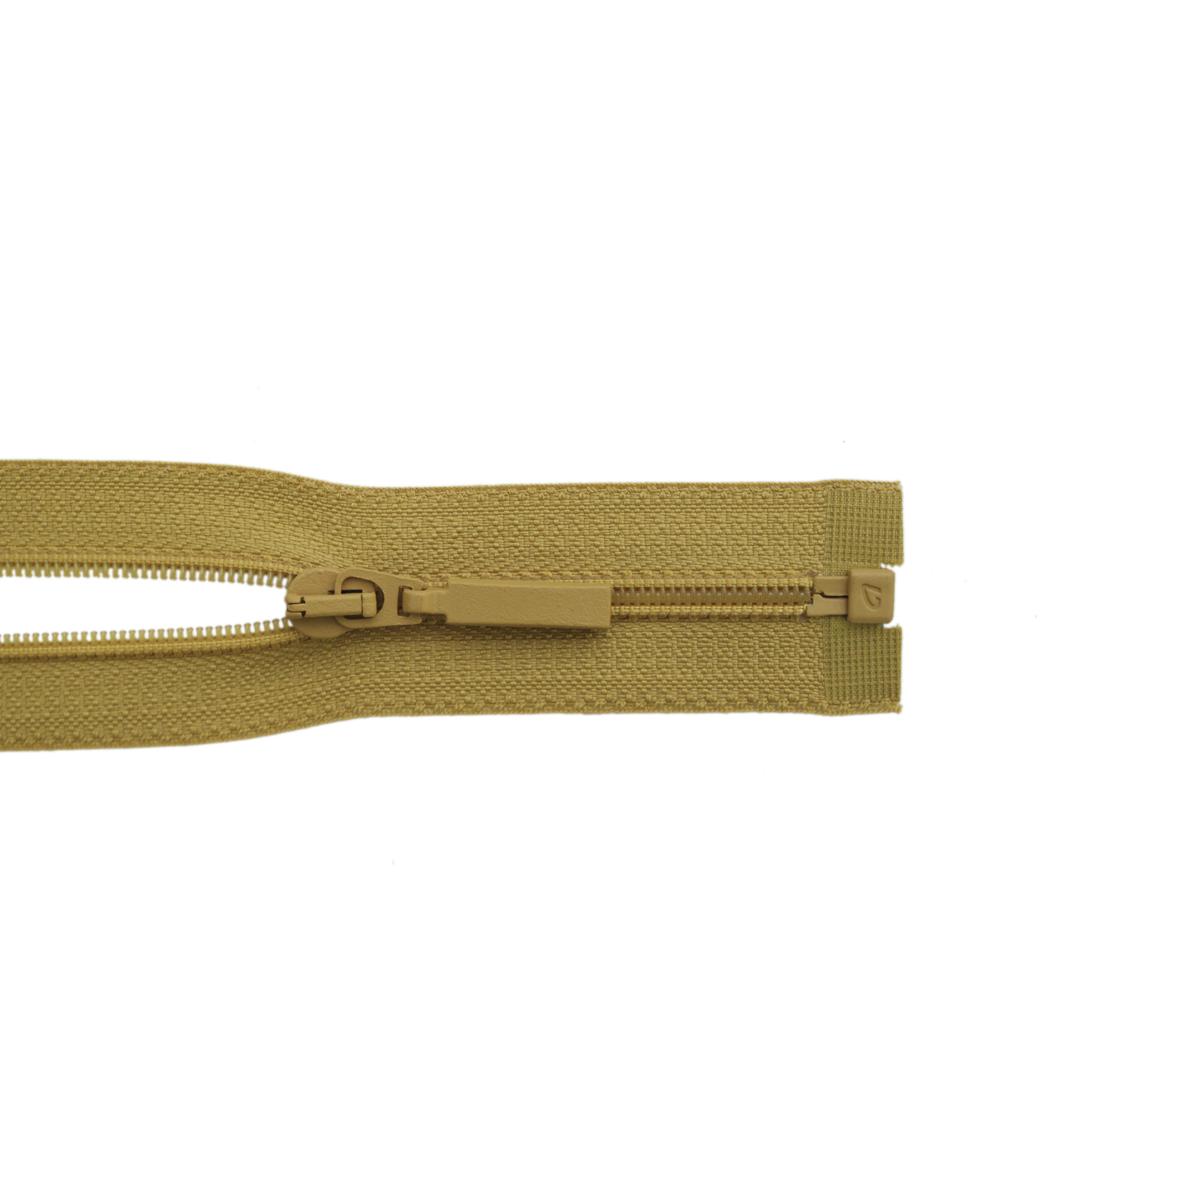 Застежка-молния витая Arta-F, цвет: горчица (828), 70 см25370-828Продукция ARTA-F сертифицирована на Российский, Британский и Латвийский стандарт. Фурнитура ARTA-F изготавливается из европейских материалов, на современном оборудовании, в соответствии с высокими требованиями стандартов. Вся продукция фабрики проходит тесты на качество.Звено застежки-молнии Экстра имеет боковые приливы, которые исключают контакт замка с текстильной лентой, а сокращенный до минимума зазор между замком и приливами звена предохраняет от возможности попадания в замок подкладки, меха, нитей. В то же время эти меры повышают прочность застежки при высоких нагрузках, особенно на изгиб. Применение таких приливов на молниях ARTA-F не только повышает эксплуатационные качества застежки, но и увеличивает прочность крепления звена к ленте, и продлевает срок службы застежек-молний ARTA-F. Такая застежка-молния безопасна, легка в использовании и не повредит одежду.